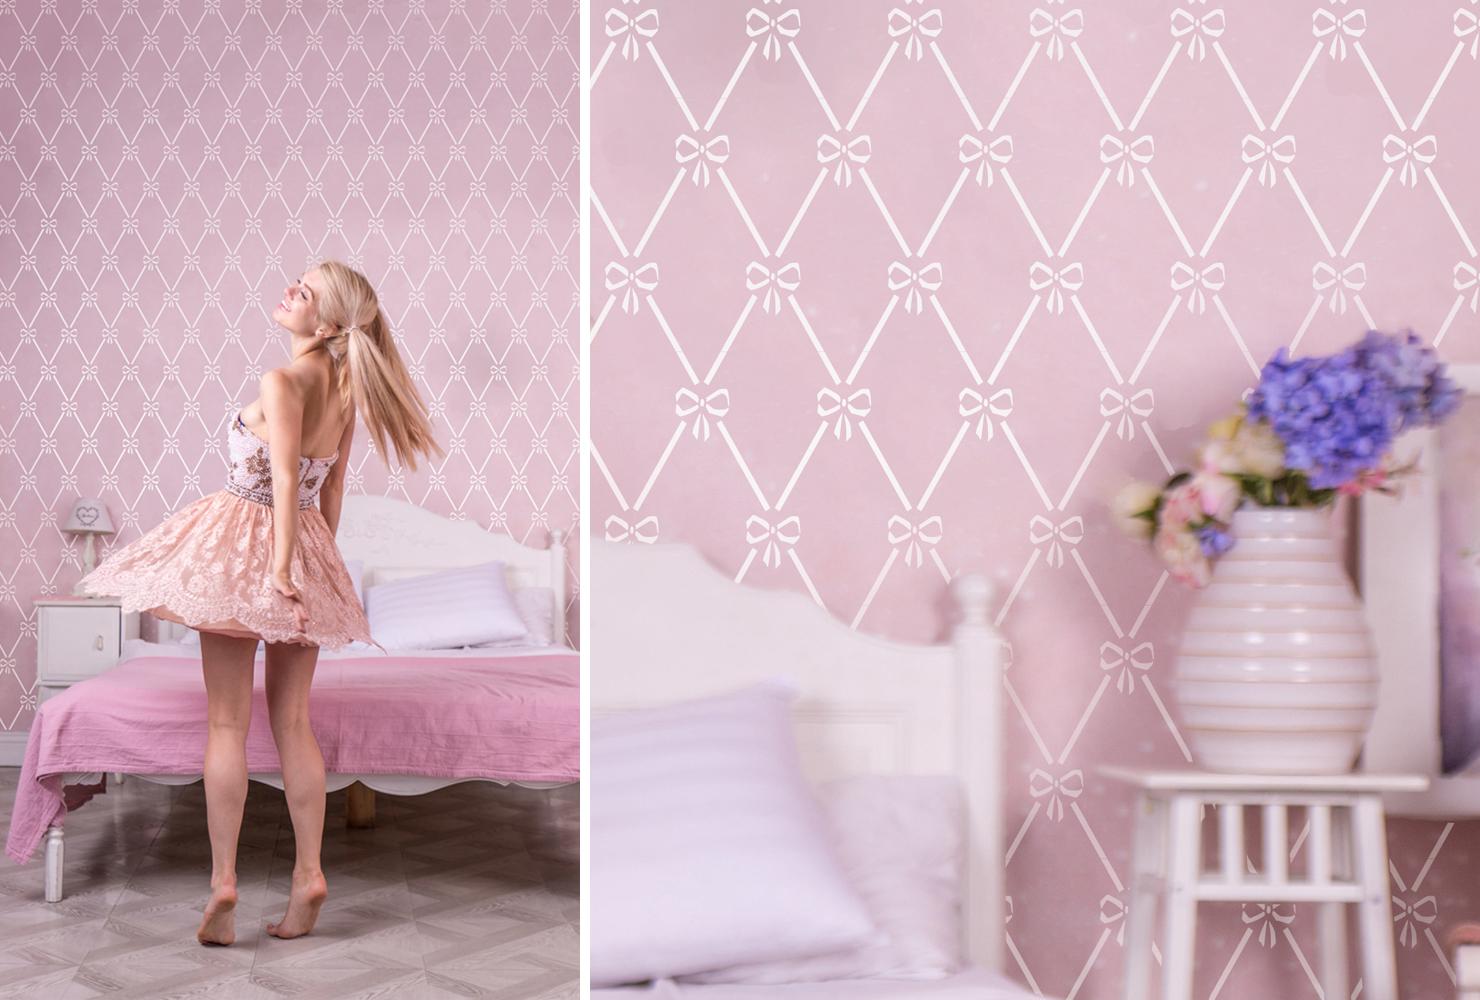 Lastetuppa sobivad minimalistlikud seinamustrid. Tüdrukutele sobilik Arlekiini muster müügil ka Stencilit.co e-poes.